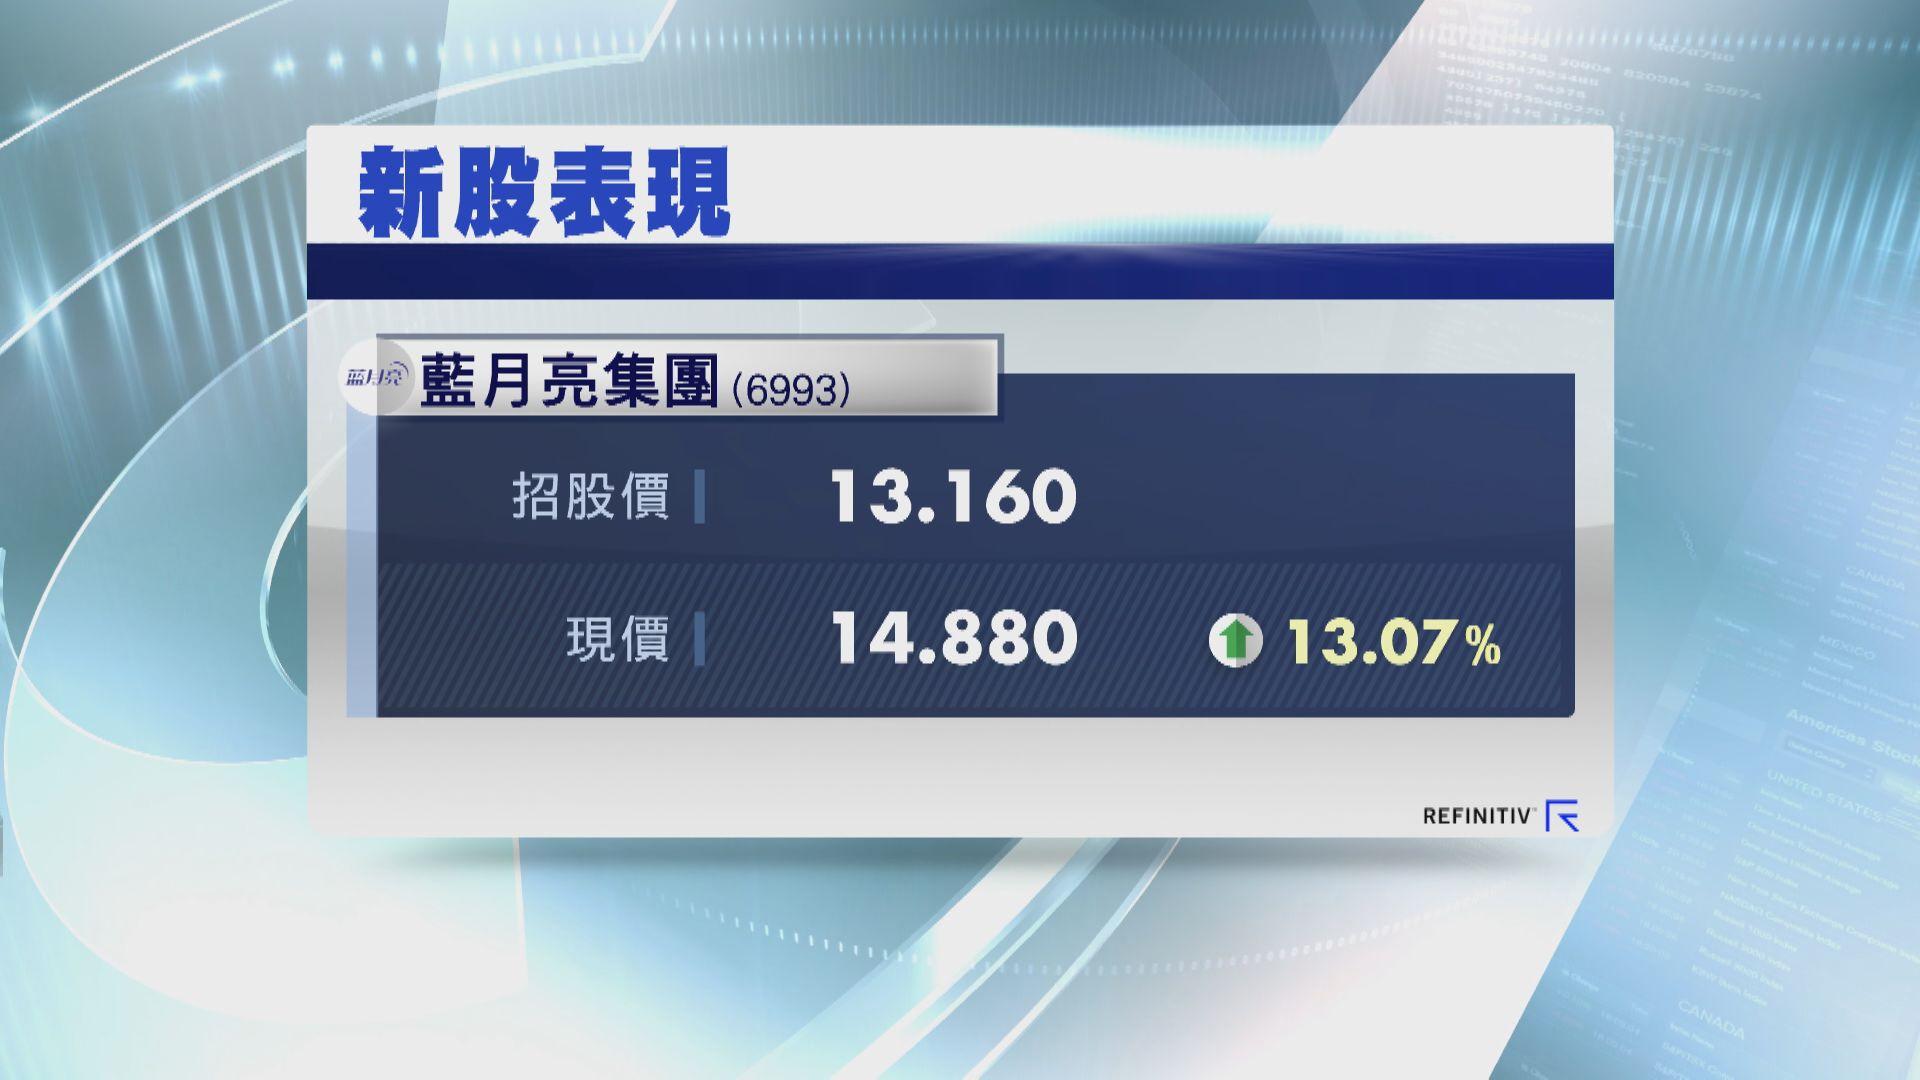 藍月亮炒高13% 一手帳賺$860